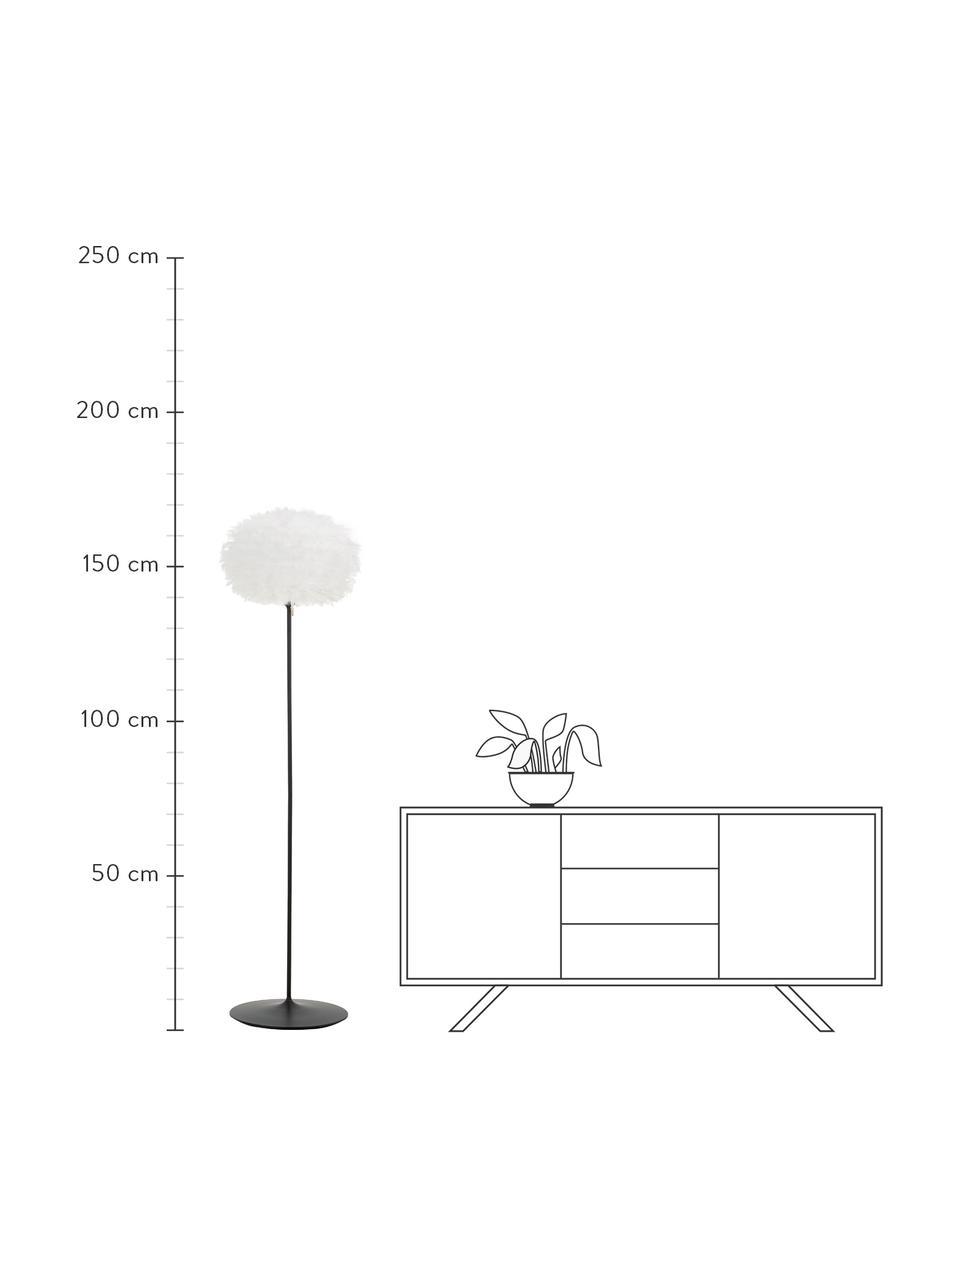 Große Stehlampe Eos aus Federn, Lampenschirm: Gänsefedern, Gestell: Aluminium, pulverbeschich, Lampenfuß: Stahl, pulverbeschichtet, Weiß, Schwarz, Ø 45 x H 170 cm